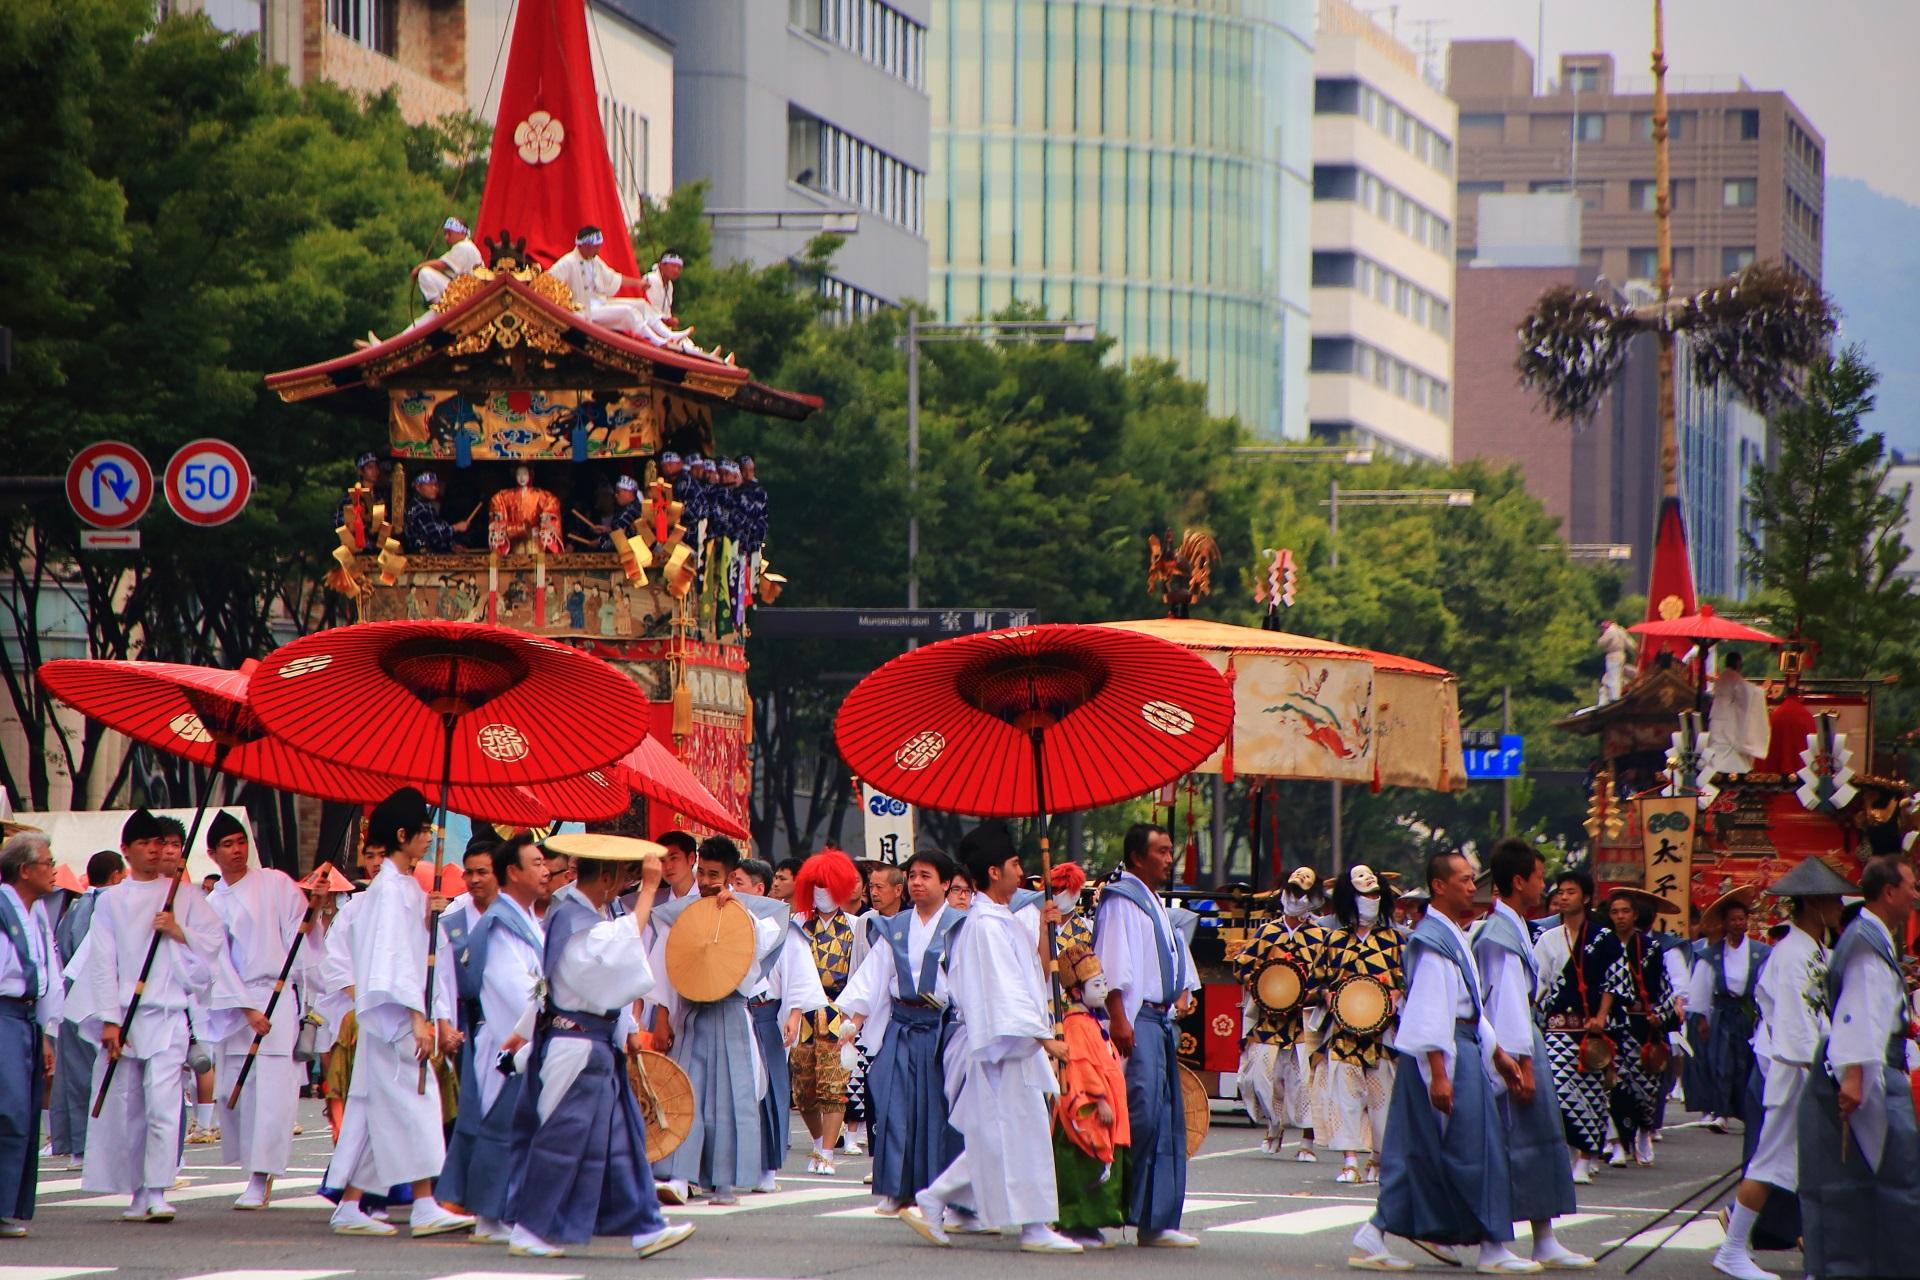 大きな傘や棒振り囃子らで構成される傘鉾の綾傘鉾と後ろの大きな月鉾